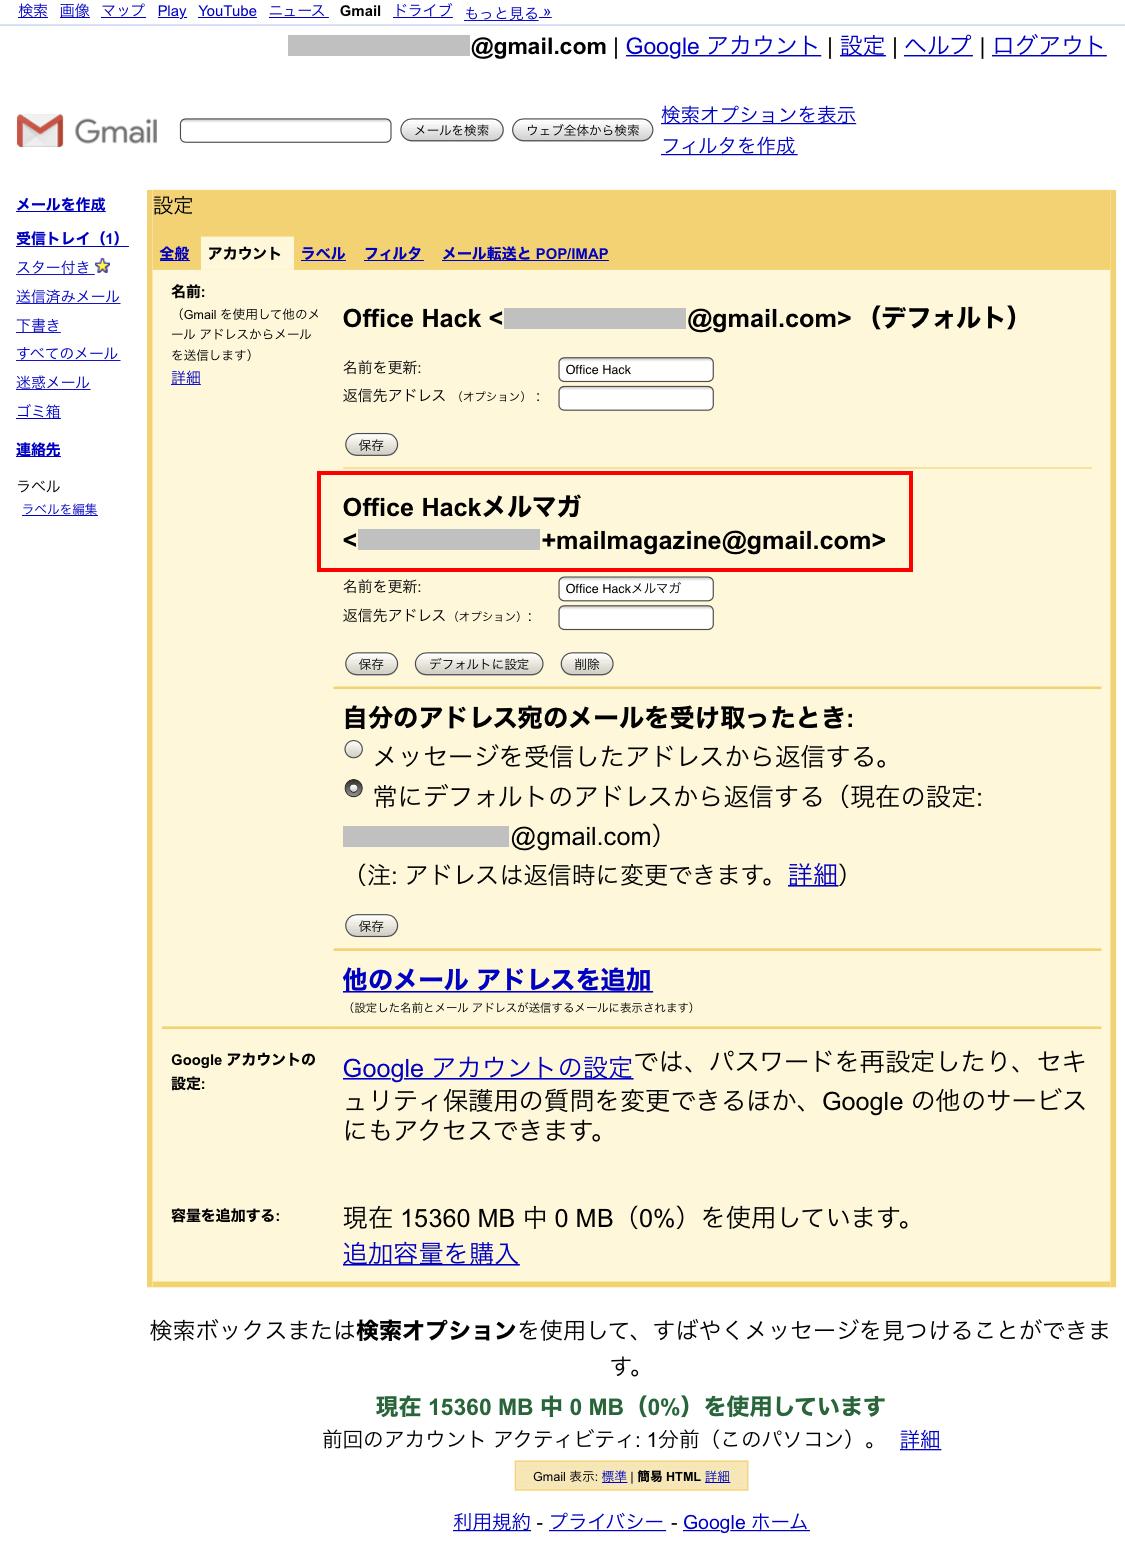 エイリアス 設定 gmail